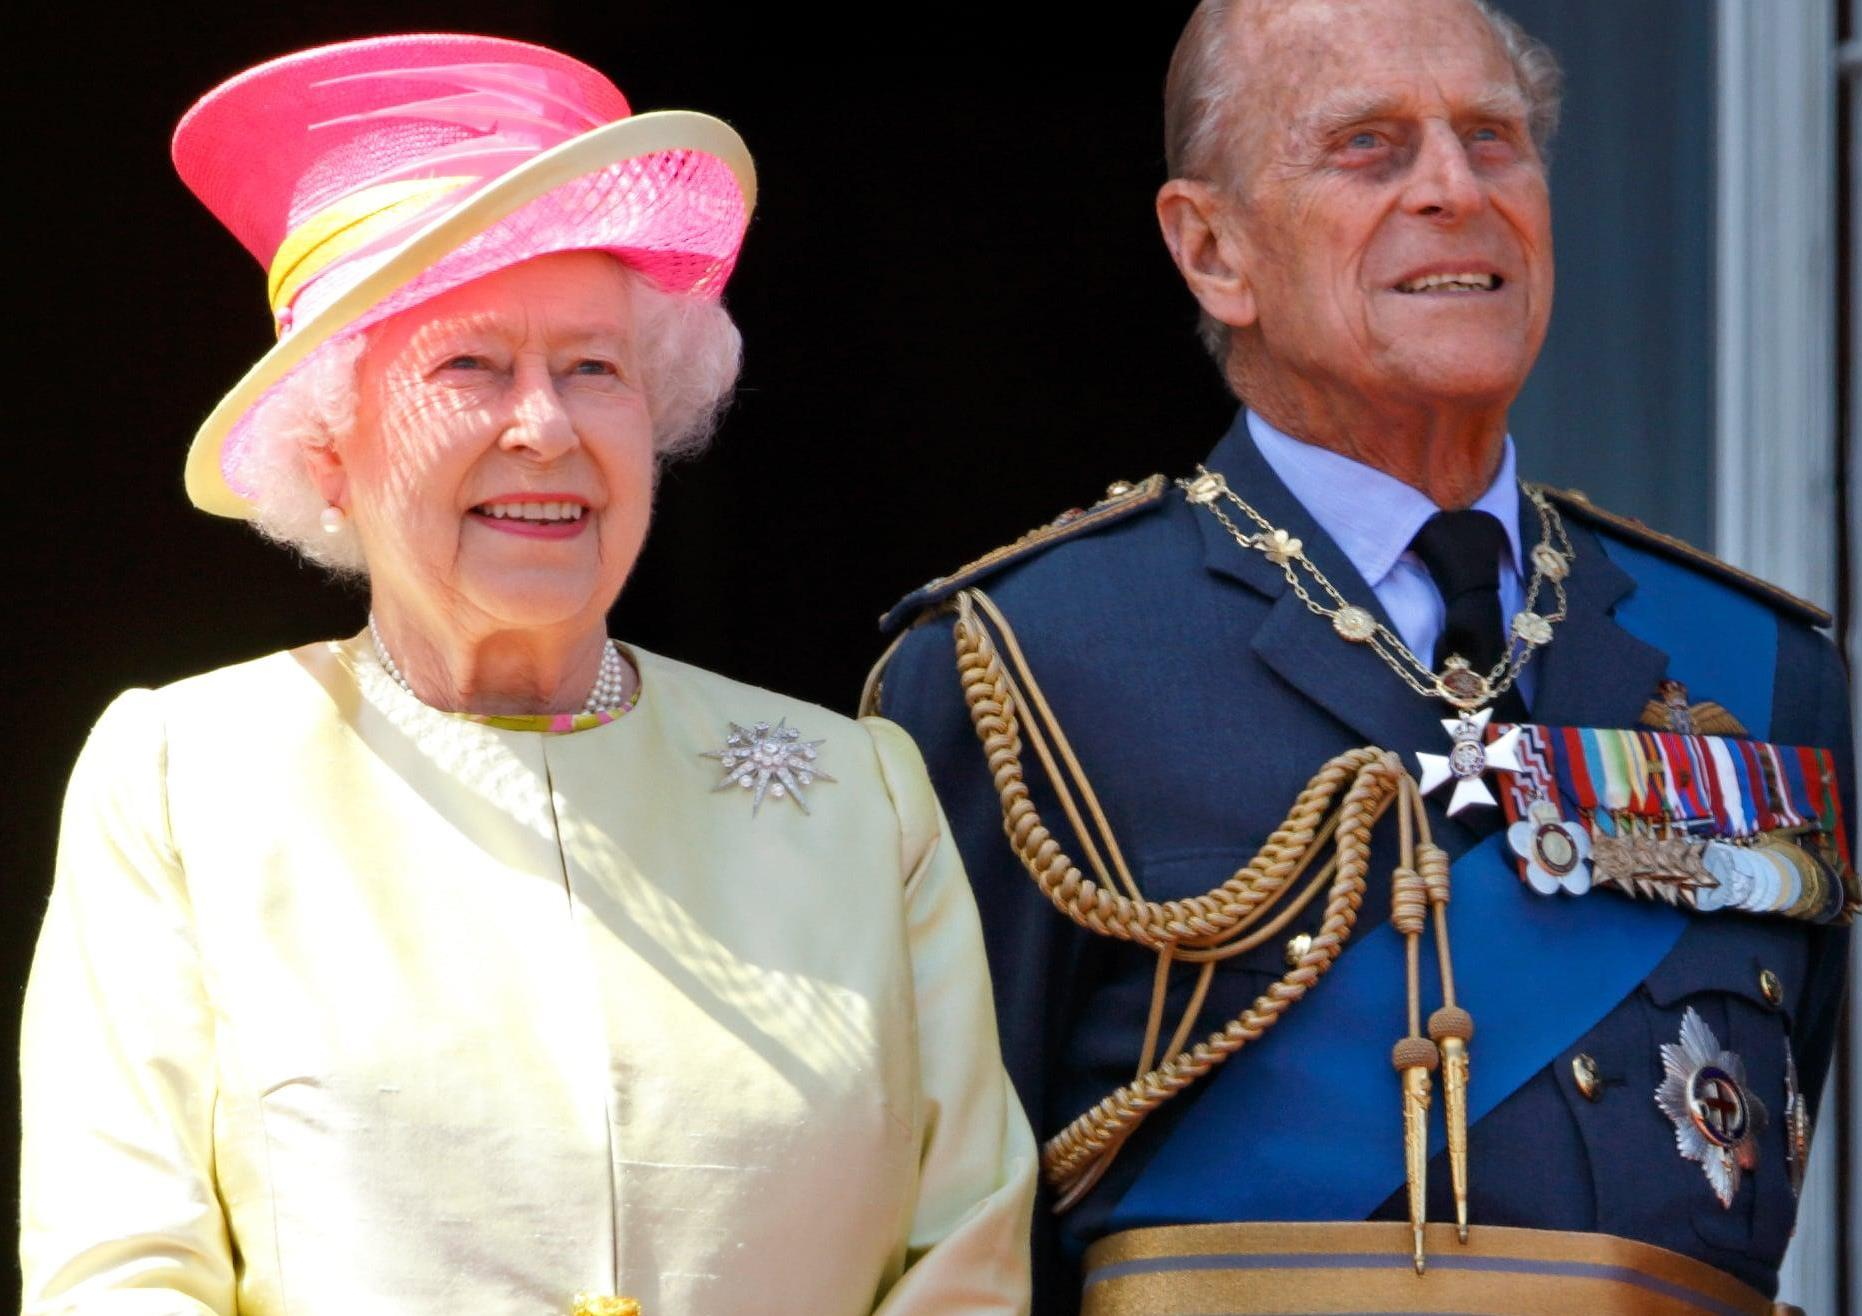 震惊:在这件事上,菲利普亲王永远愧对长子查尔斯王子